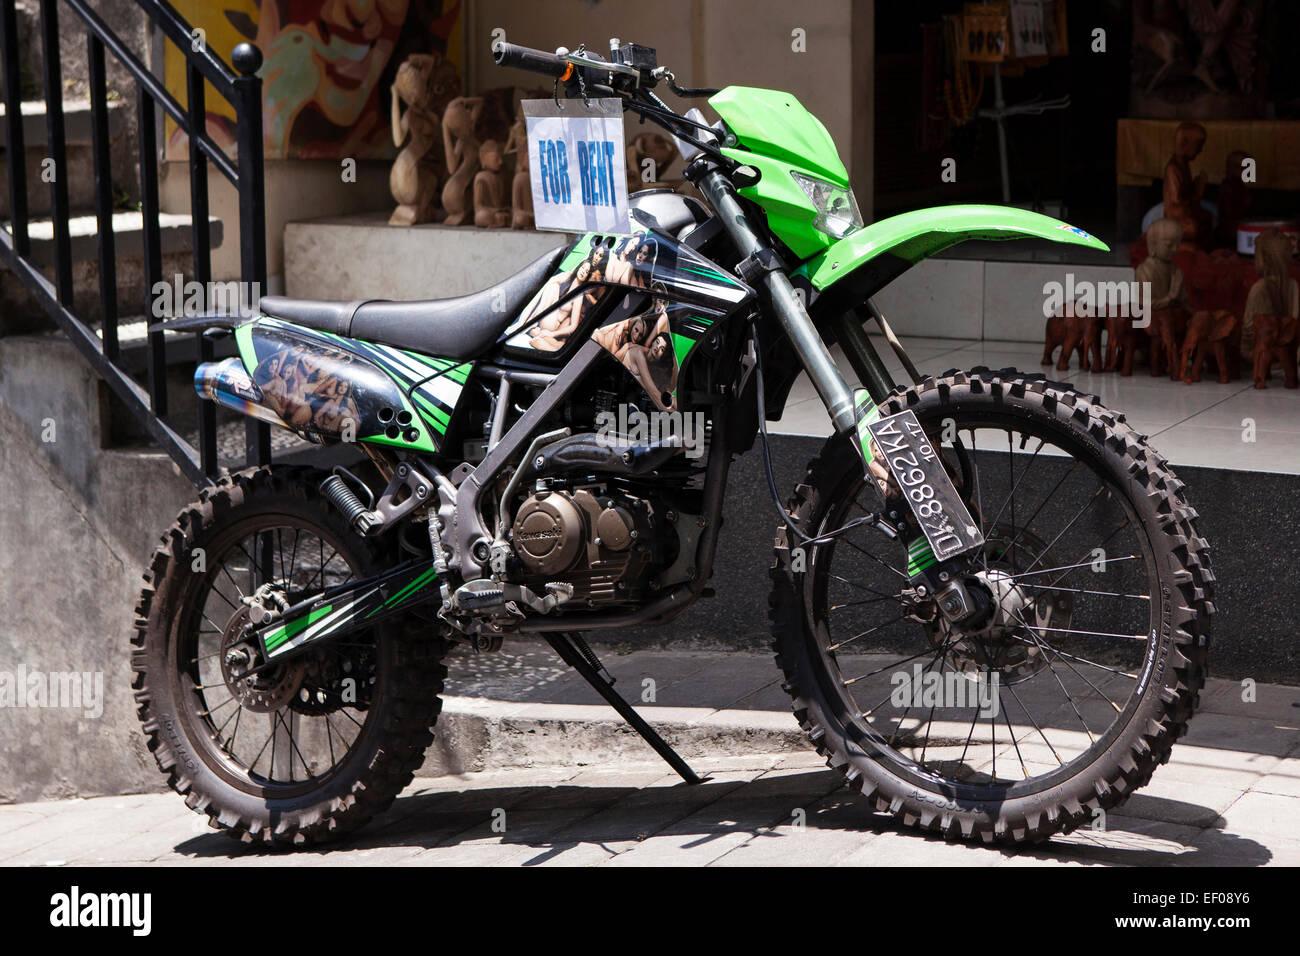 Motociclo disponibile per l'affitto in su una strada in Asia Immagini Stock